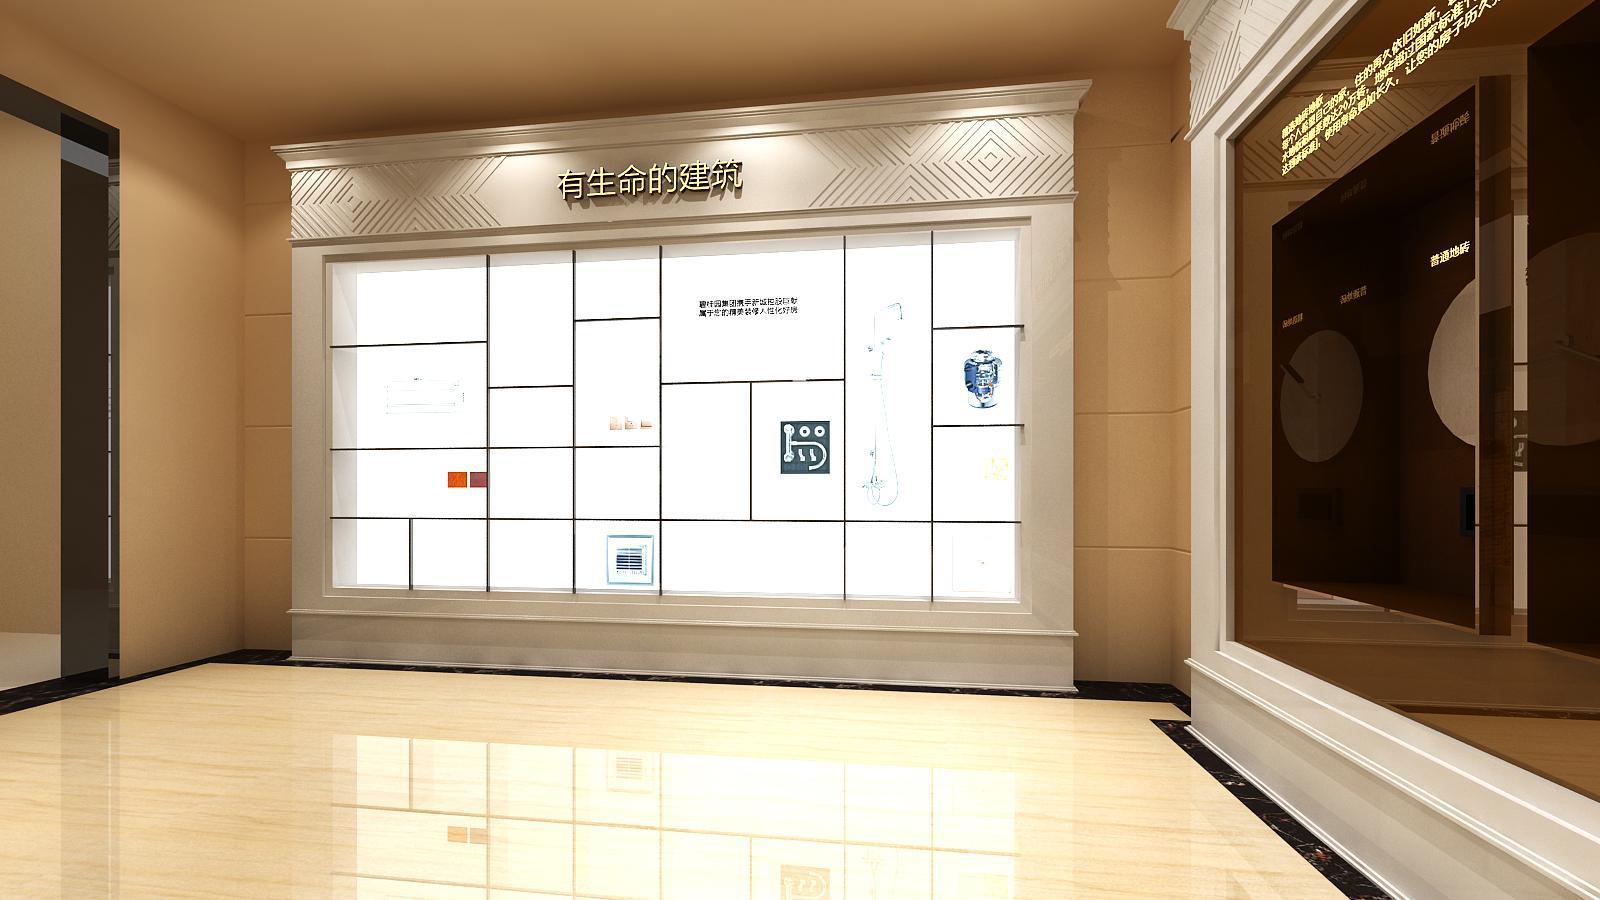 碧桂园新城体验馆设计方案之墙面造型设计21